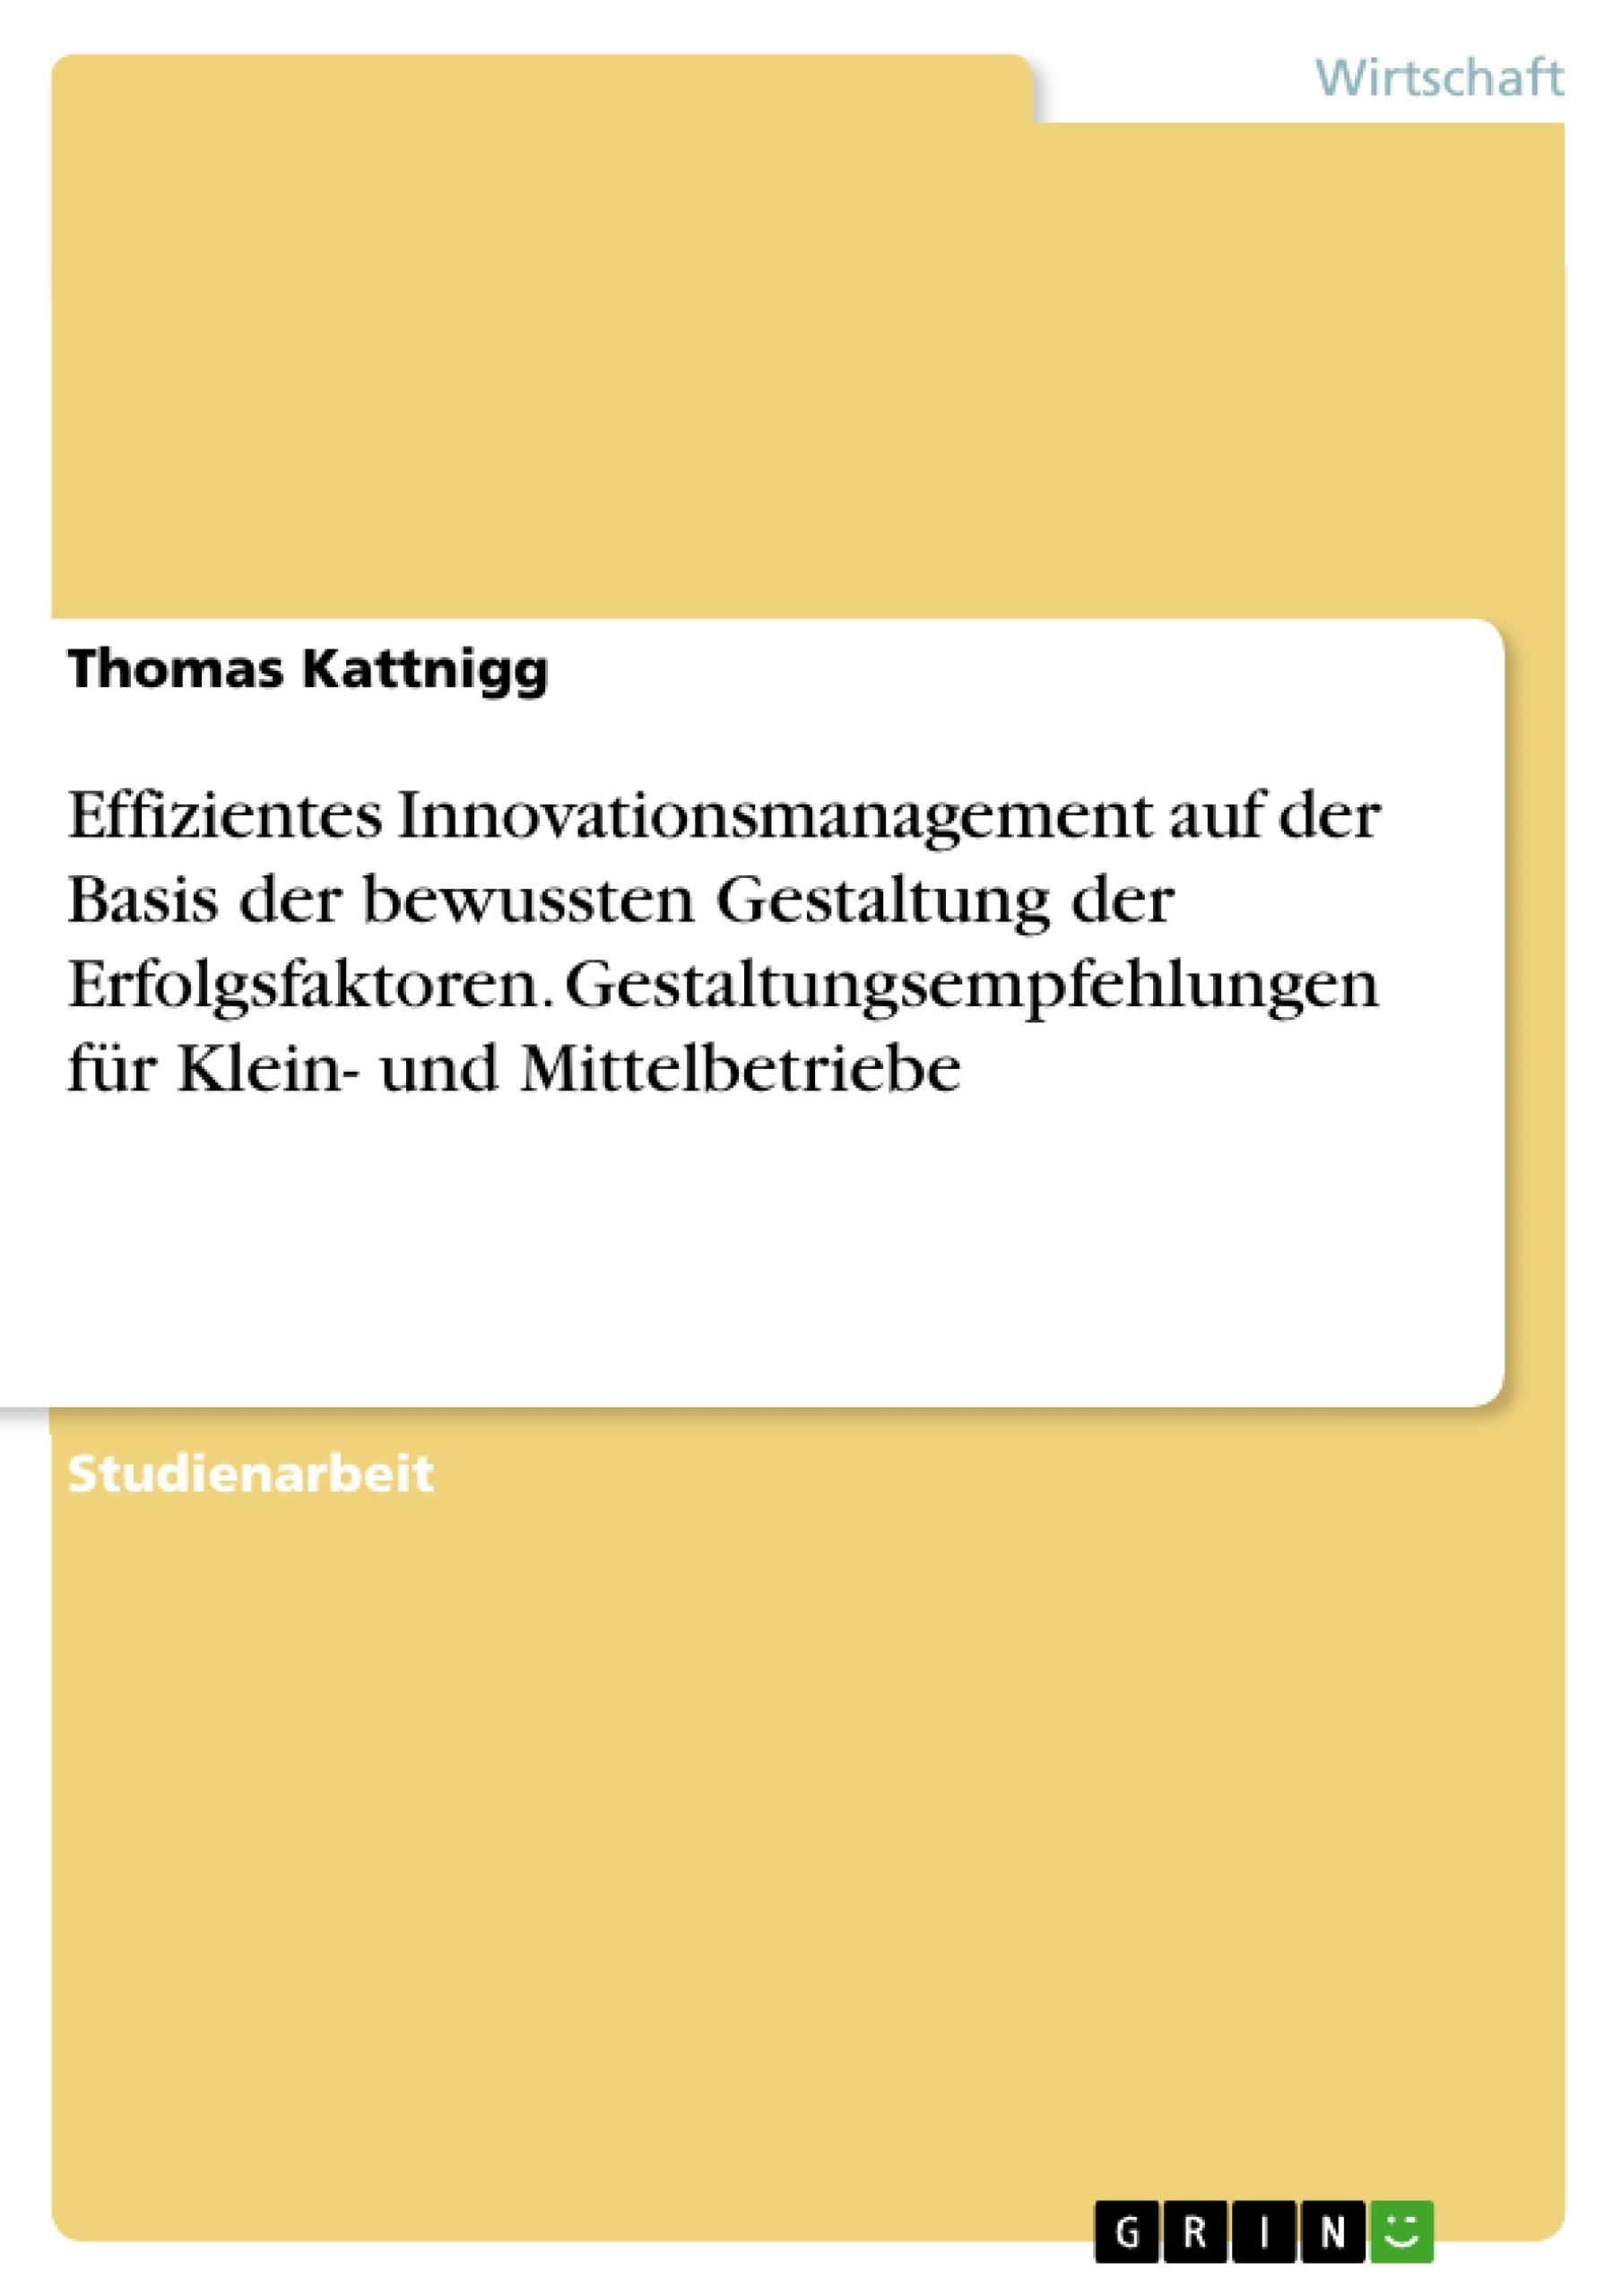 Titel: Effizientes Innovationsmanagement auf der Basis der bewussten Gestaltung der Erfolgsfaktoren. Gestaltungsempfehlungen für Klein- und Mittelbetriebe